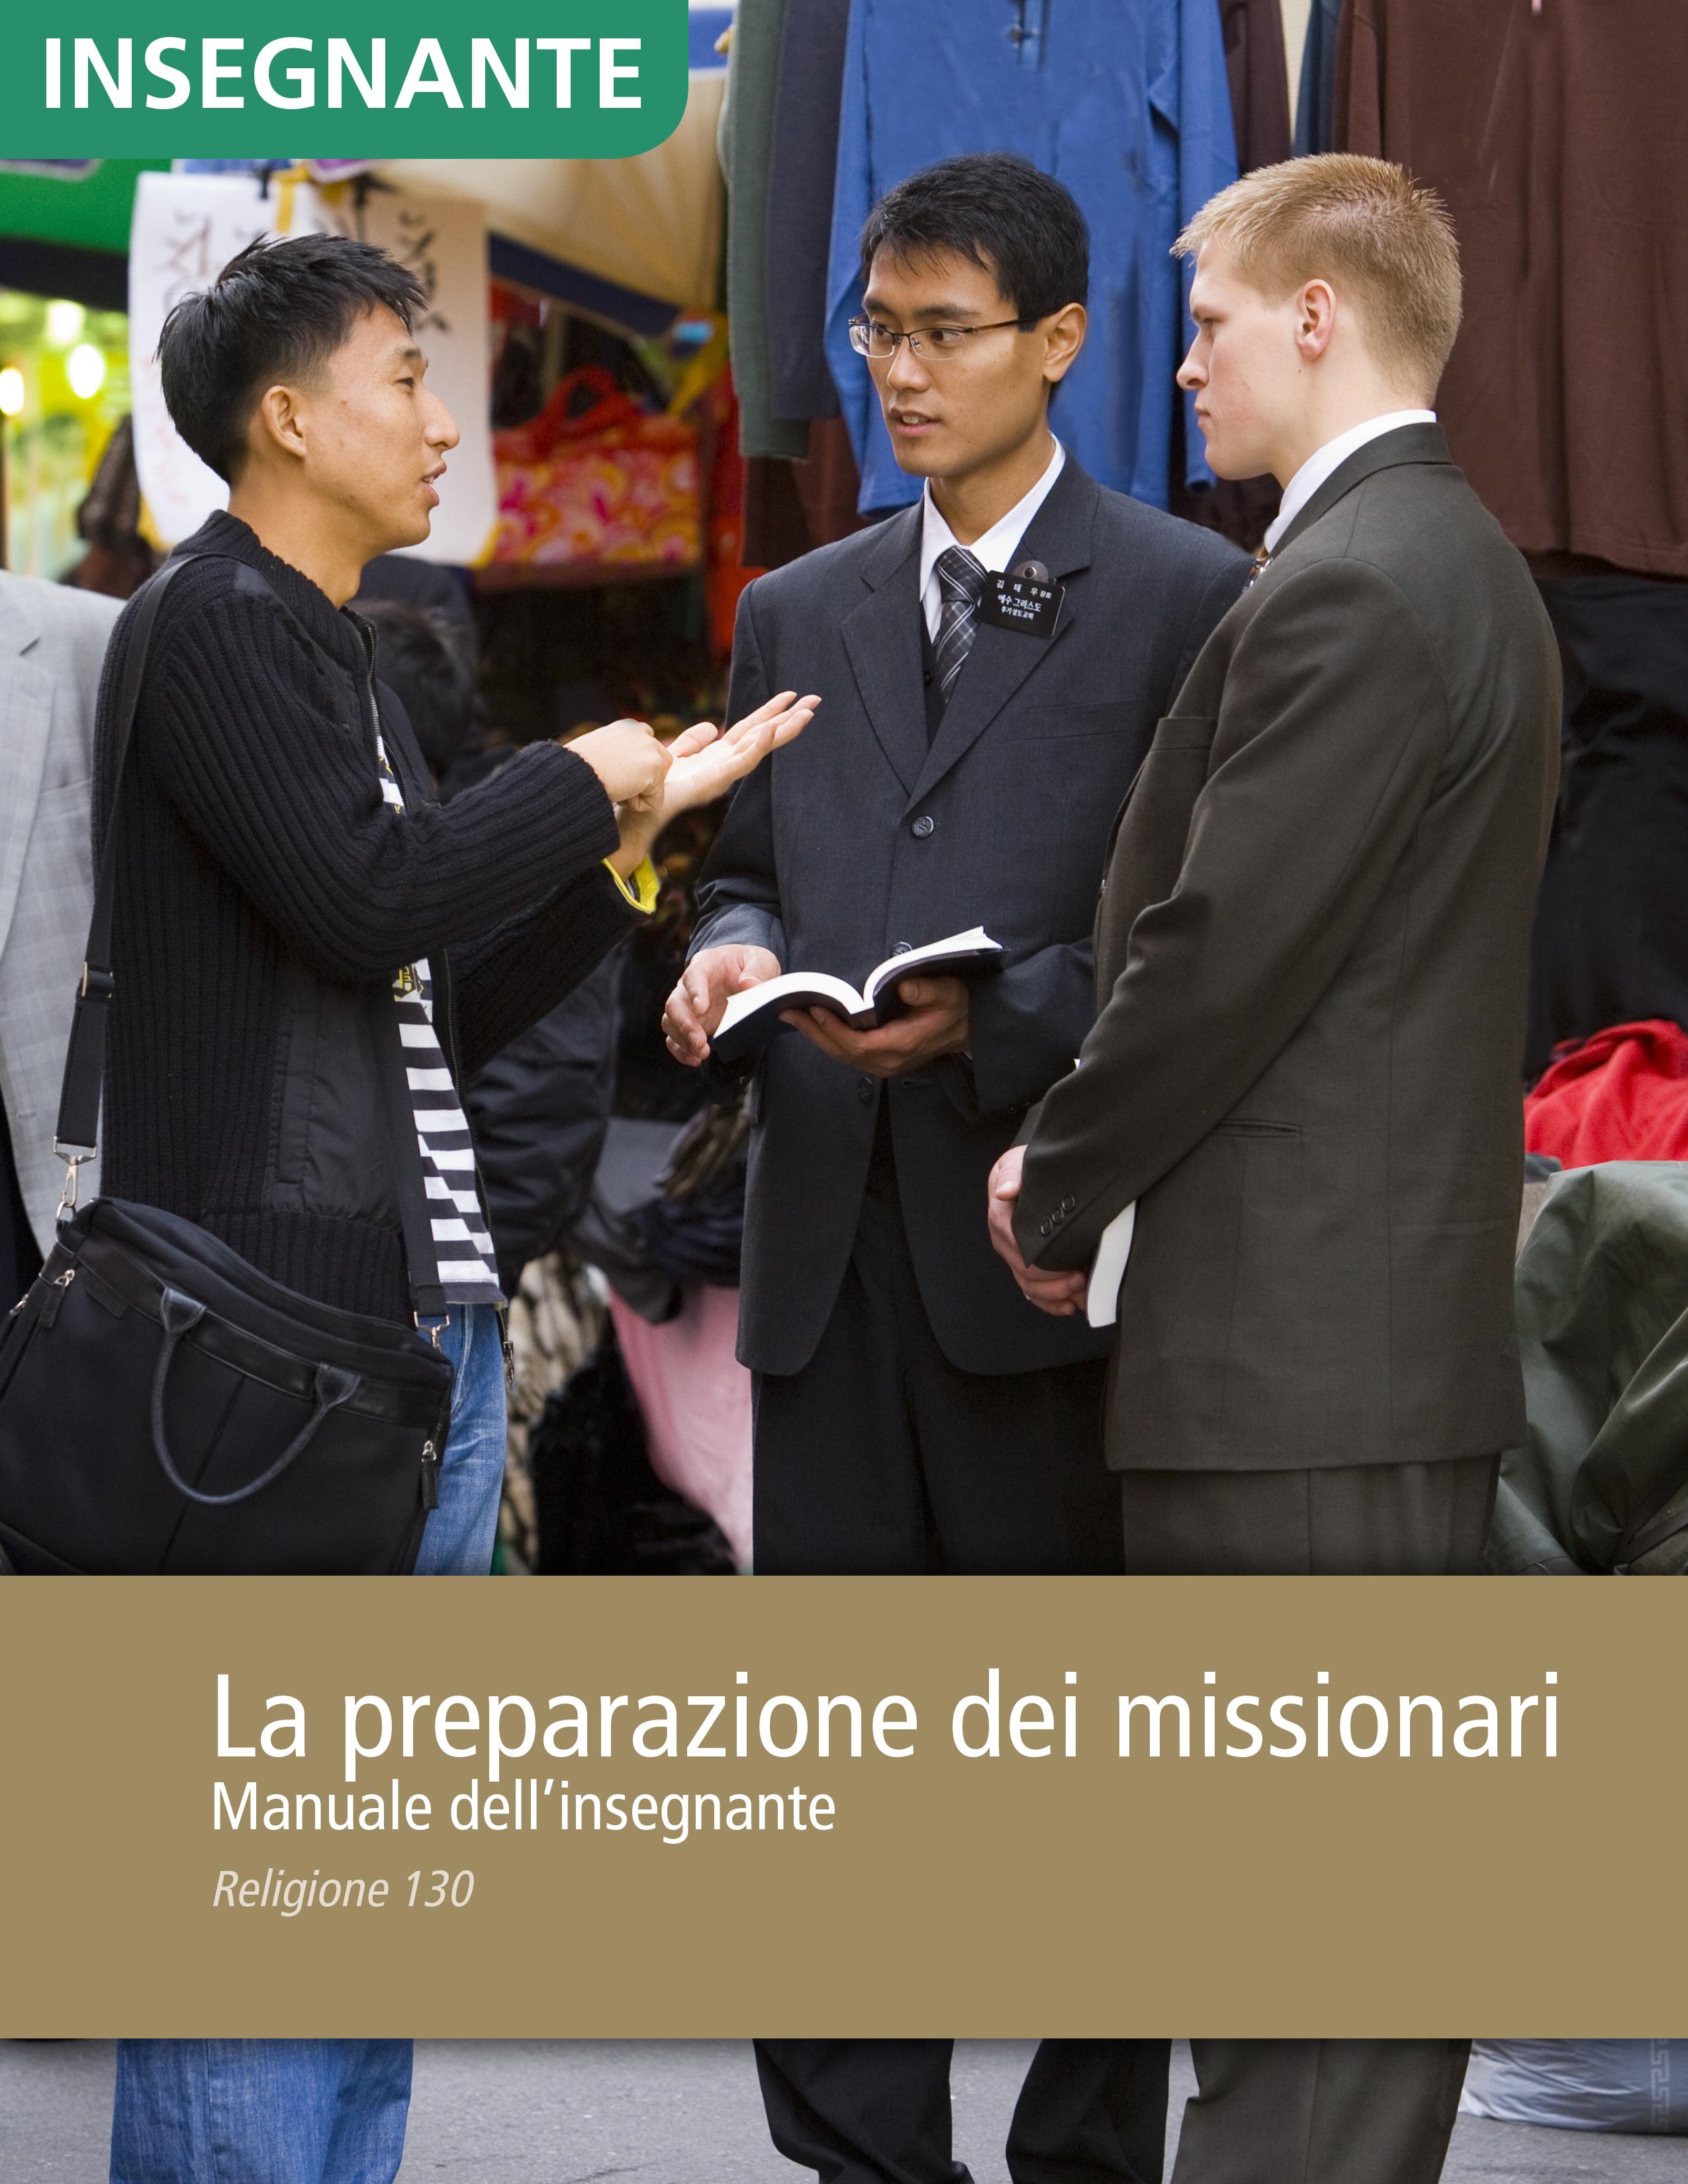 La preparazione dei missionari – Manuale dell'insegnante (Religione 130)